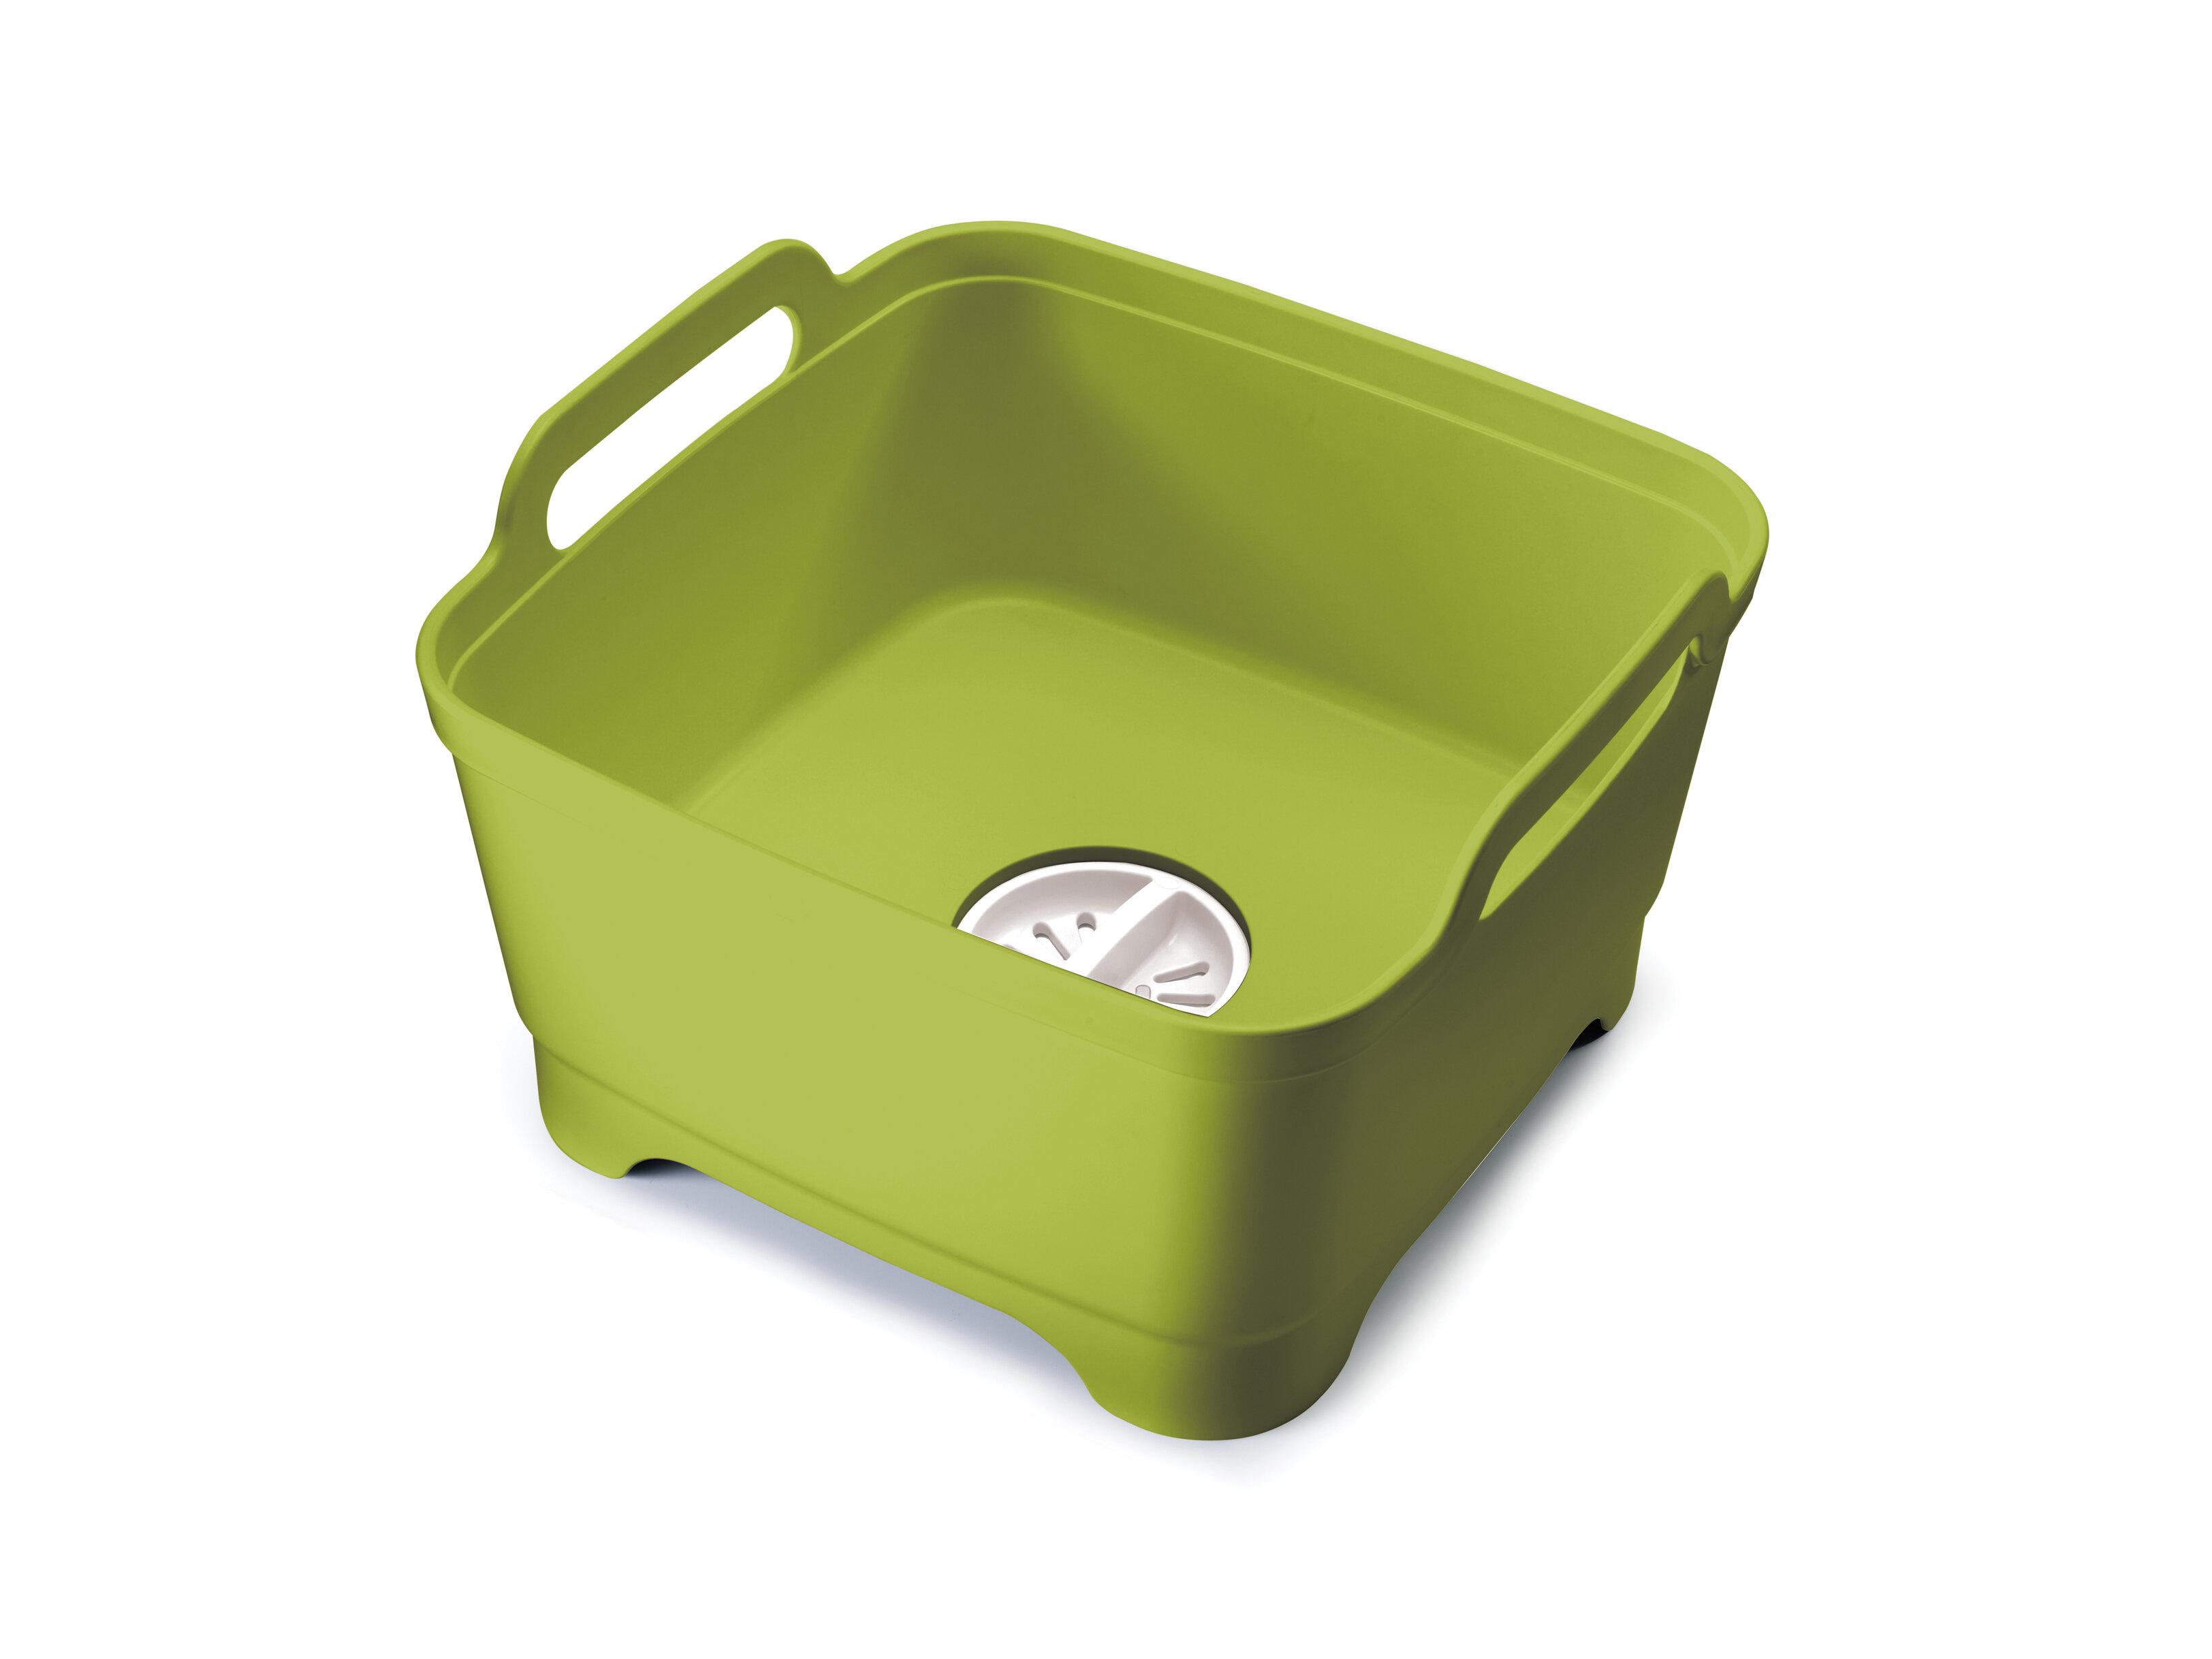 Sink Dish Pan Plastic Washing Basin Kitchen Household Dishwashing Tub Foot Soak